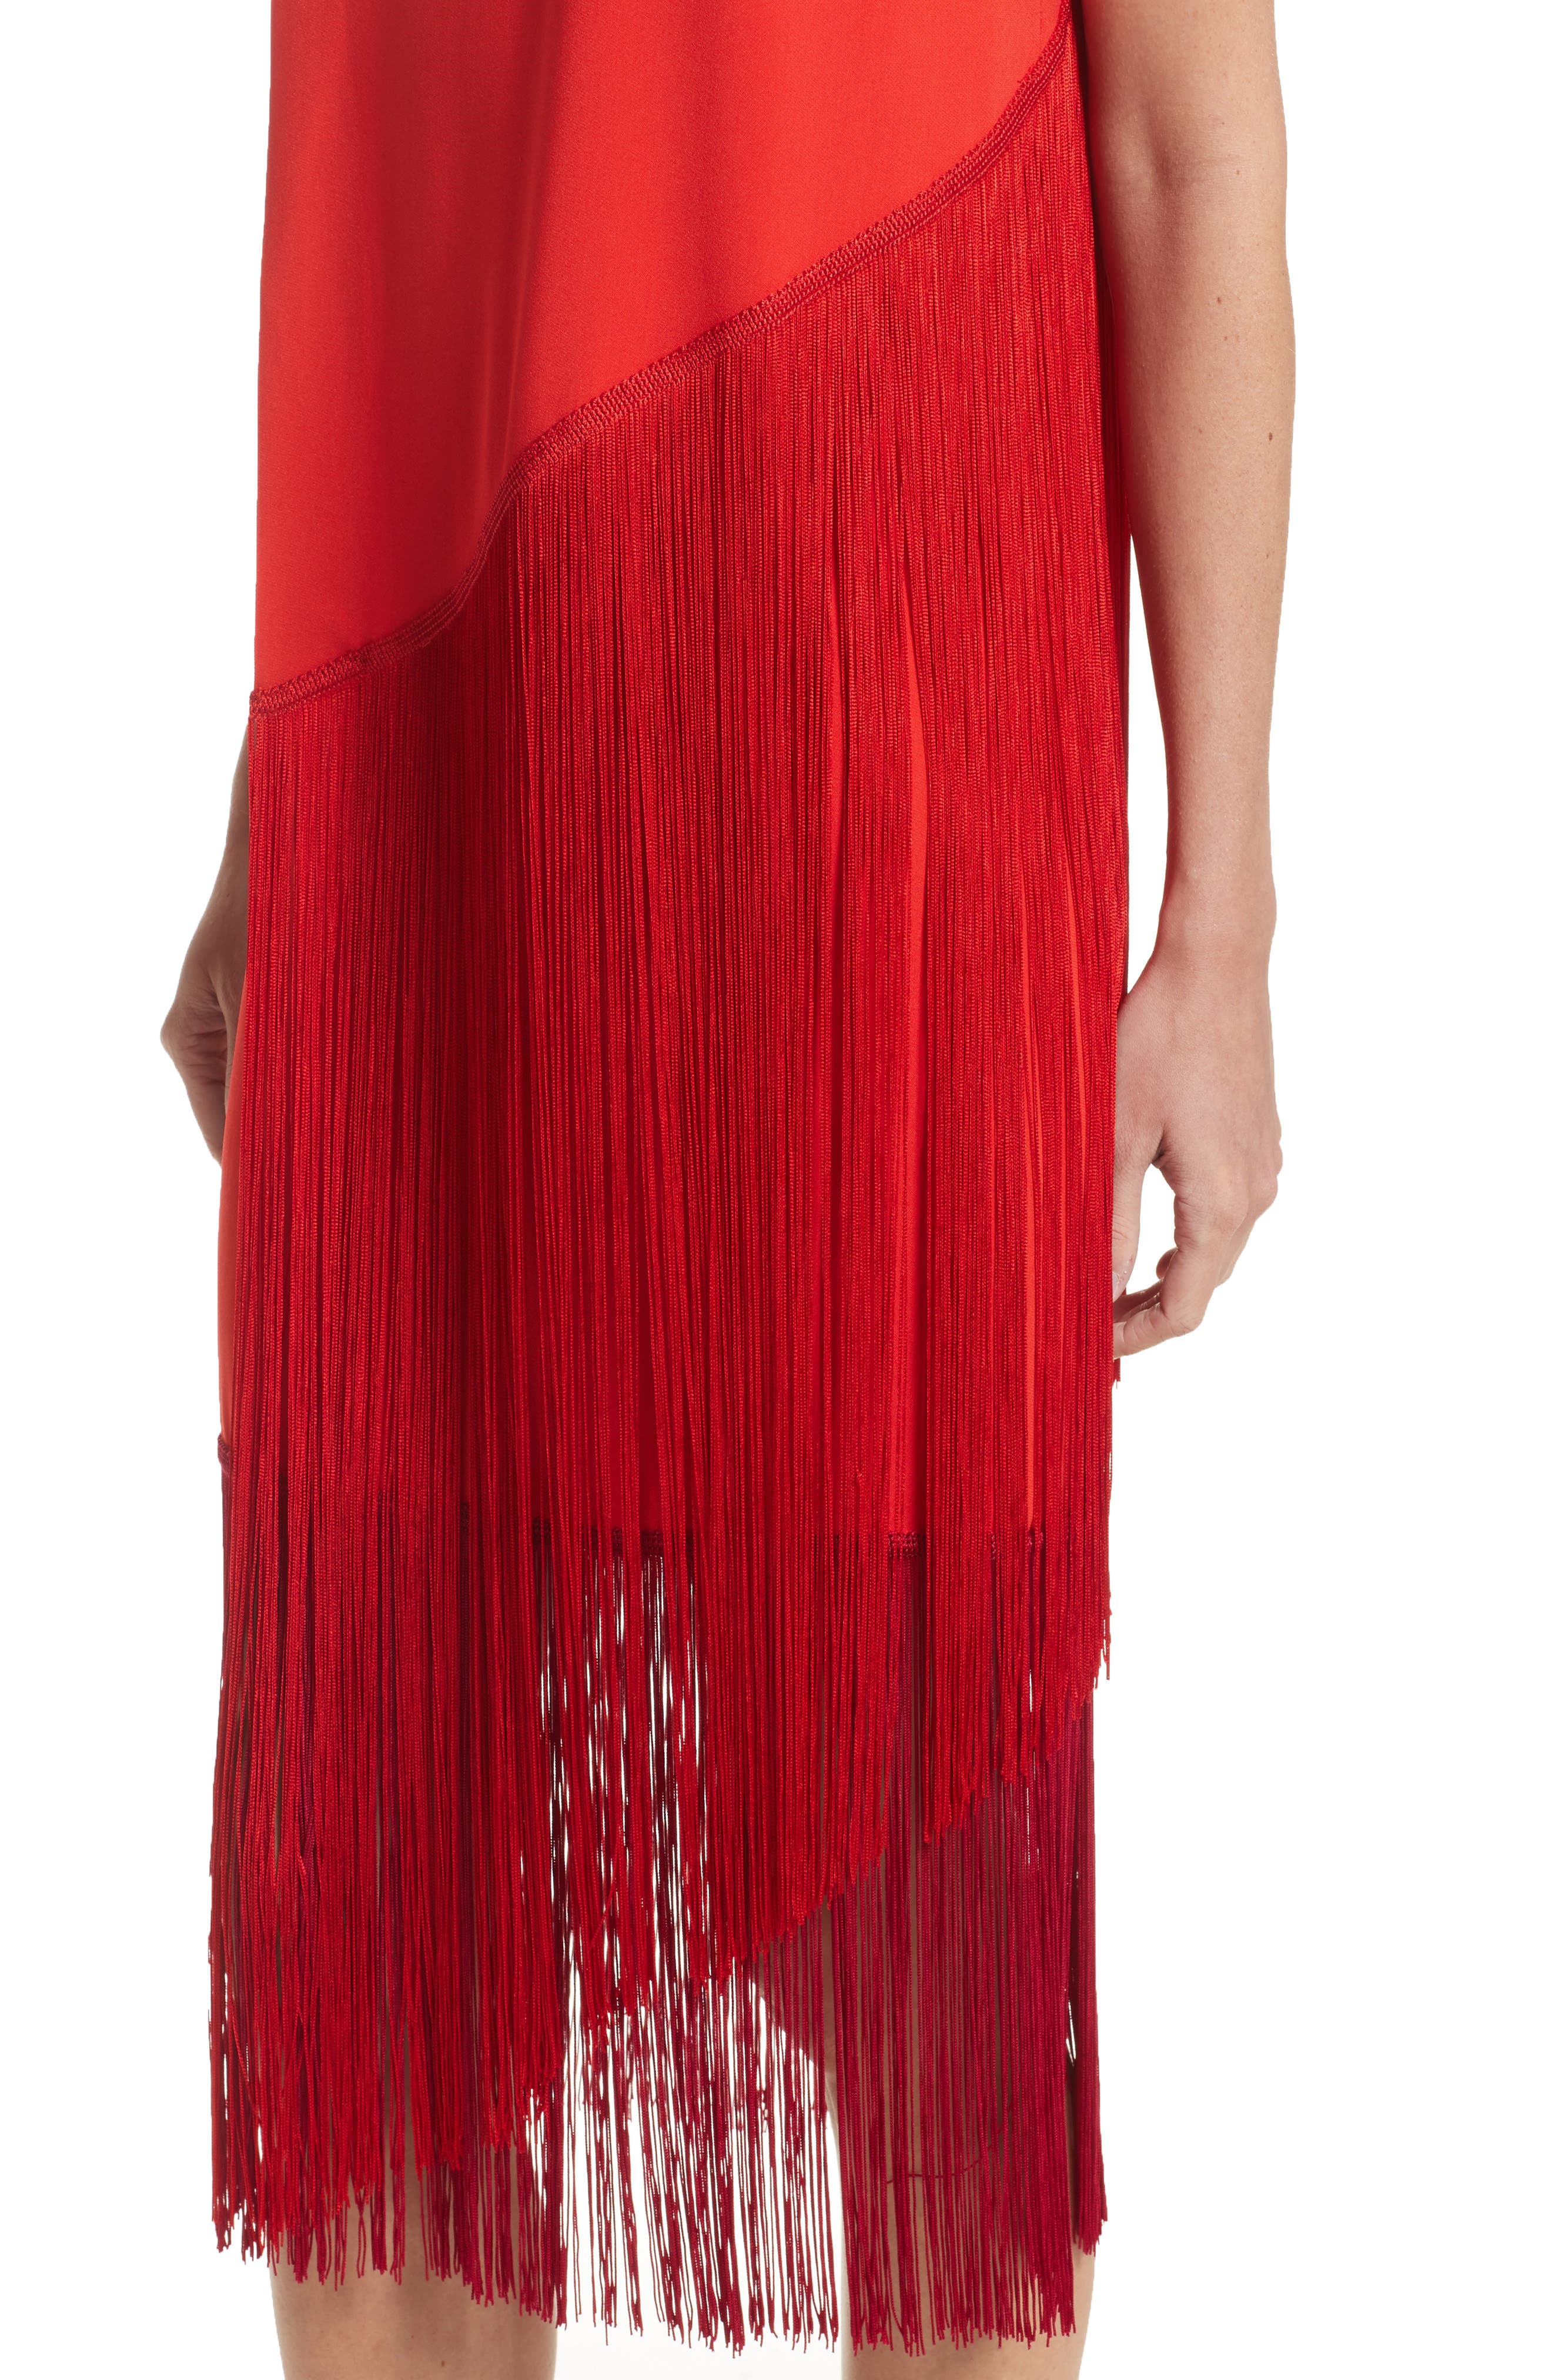 Fringe Overlay Dress,                             Alternate thumbnail 4, color,